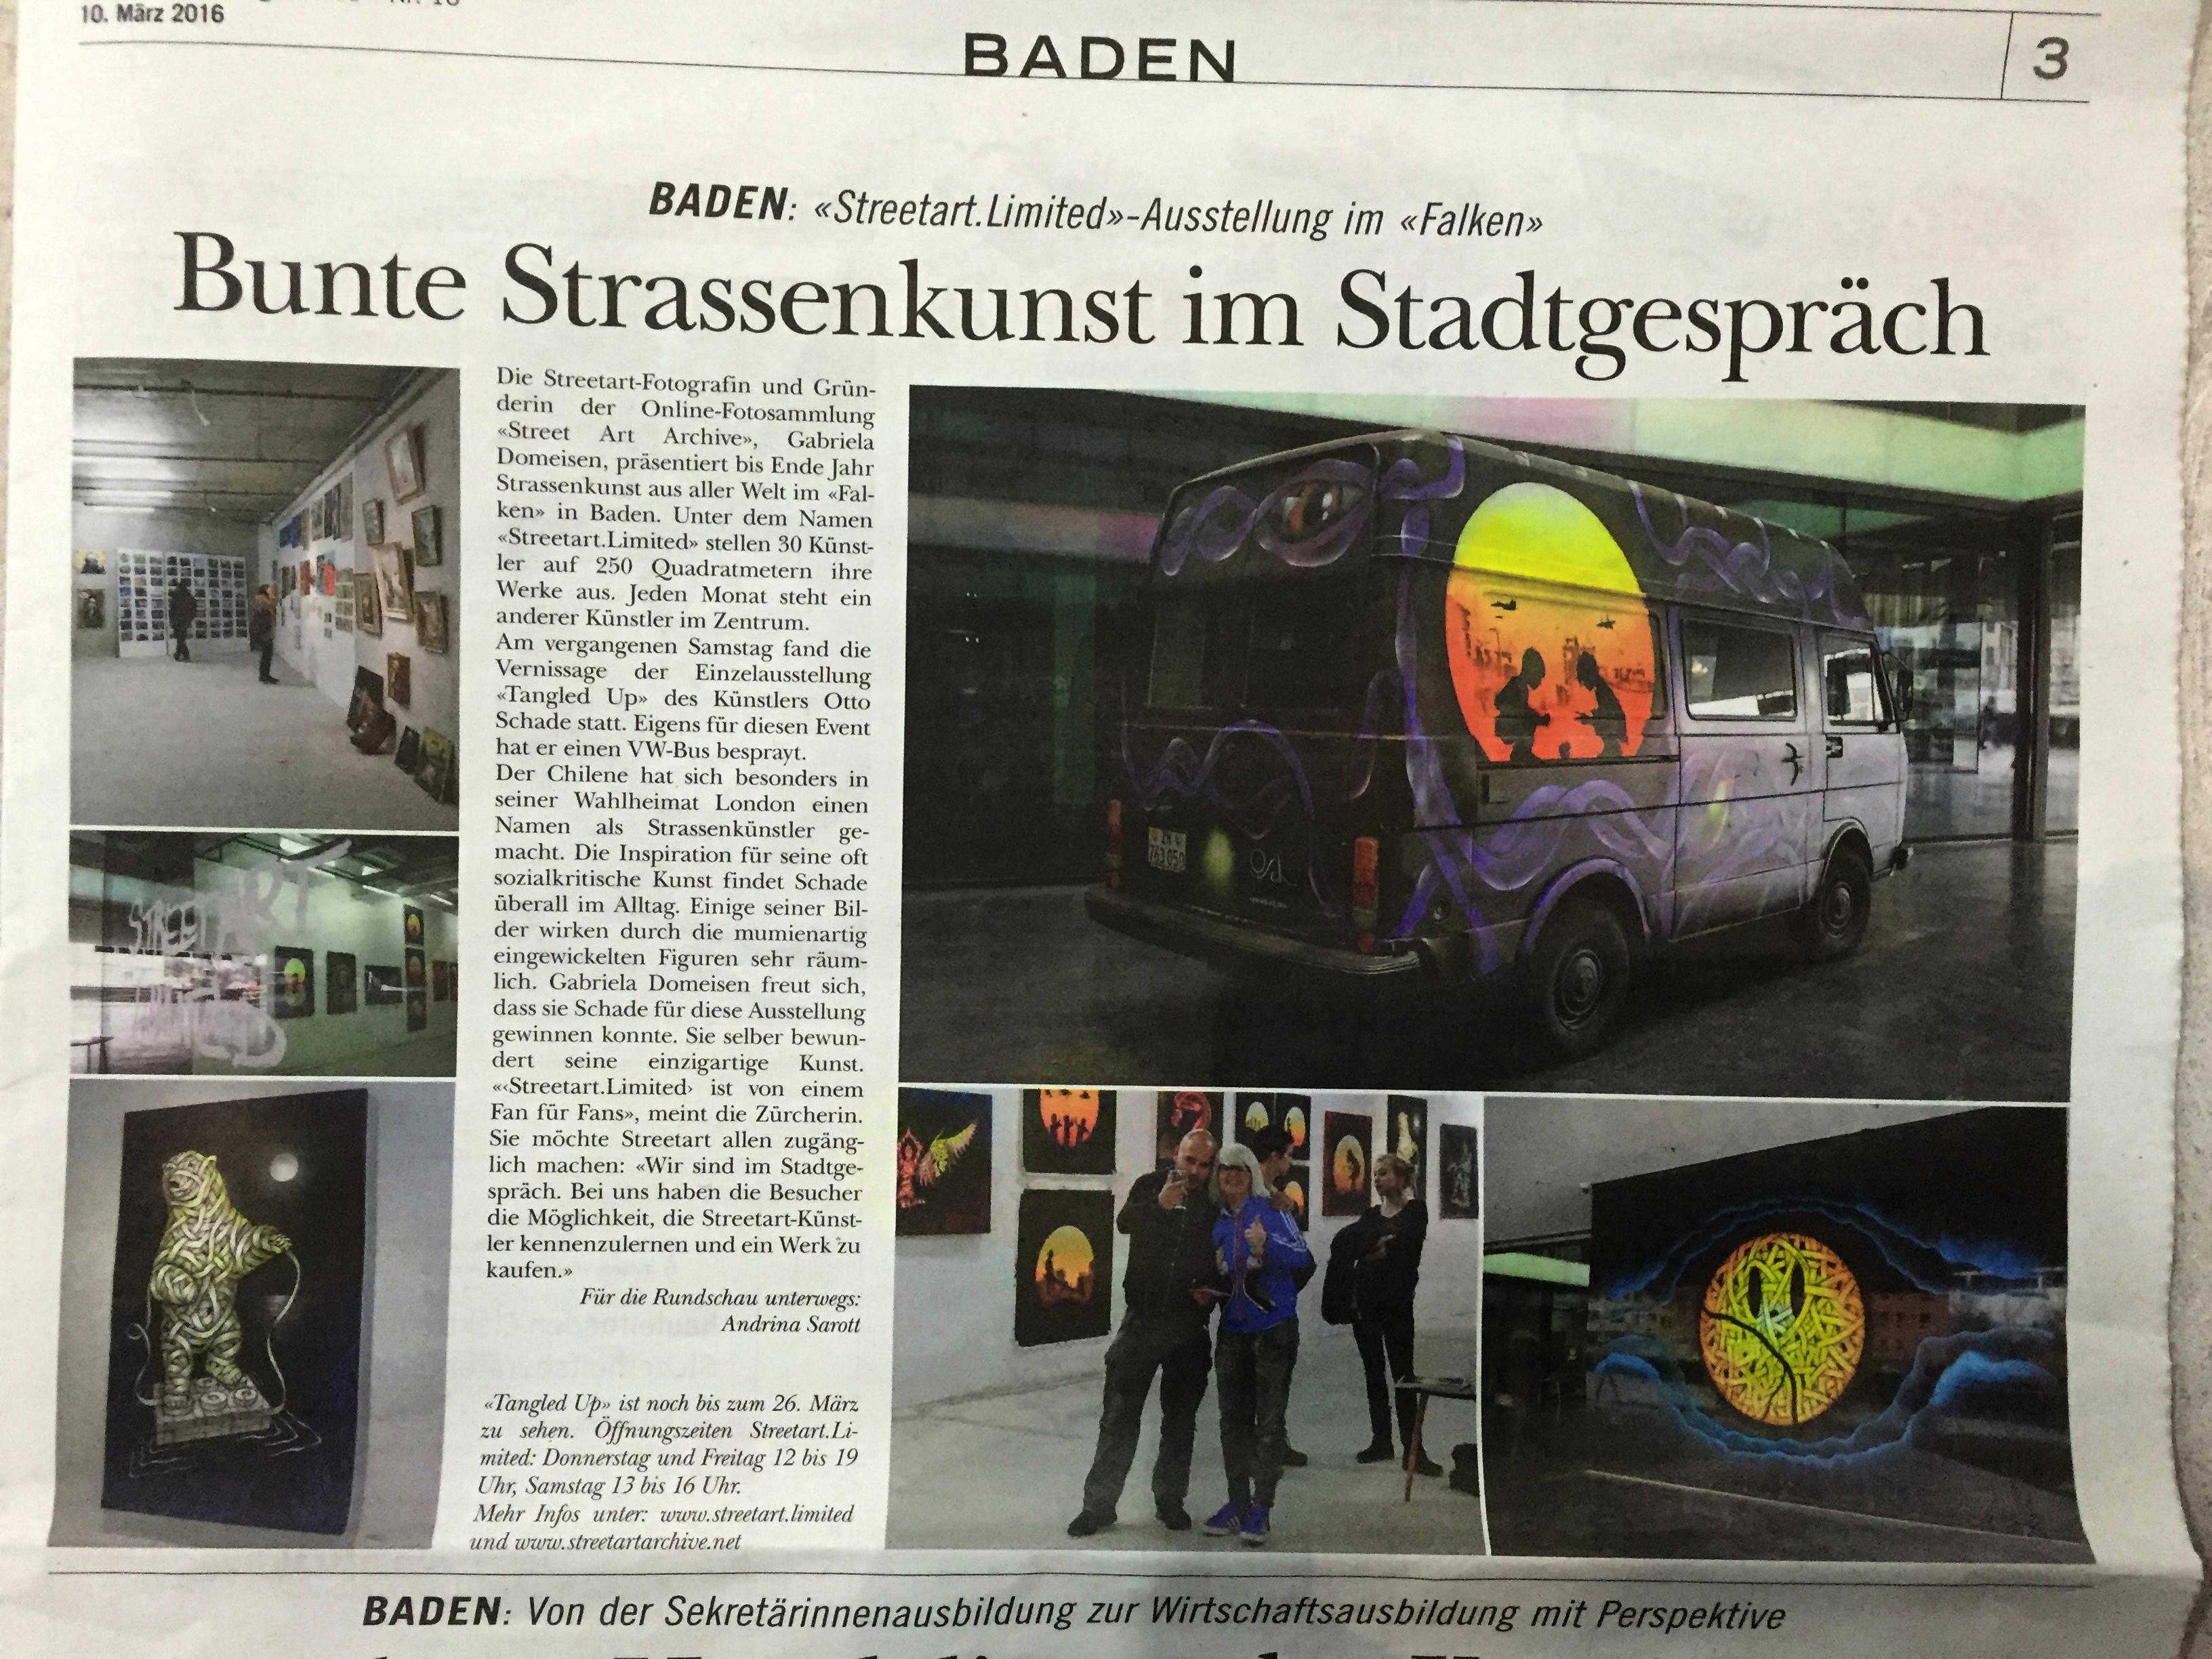 OTTO SCHADE | Streetart.Limited